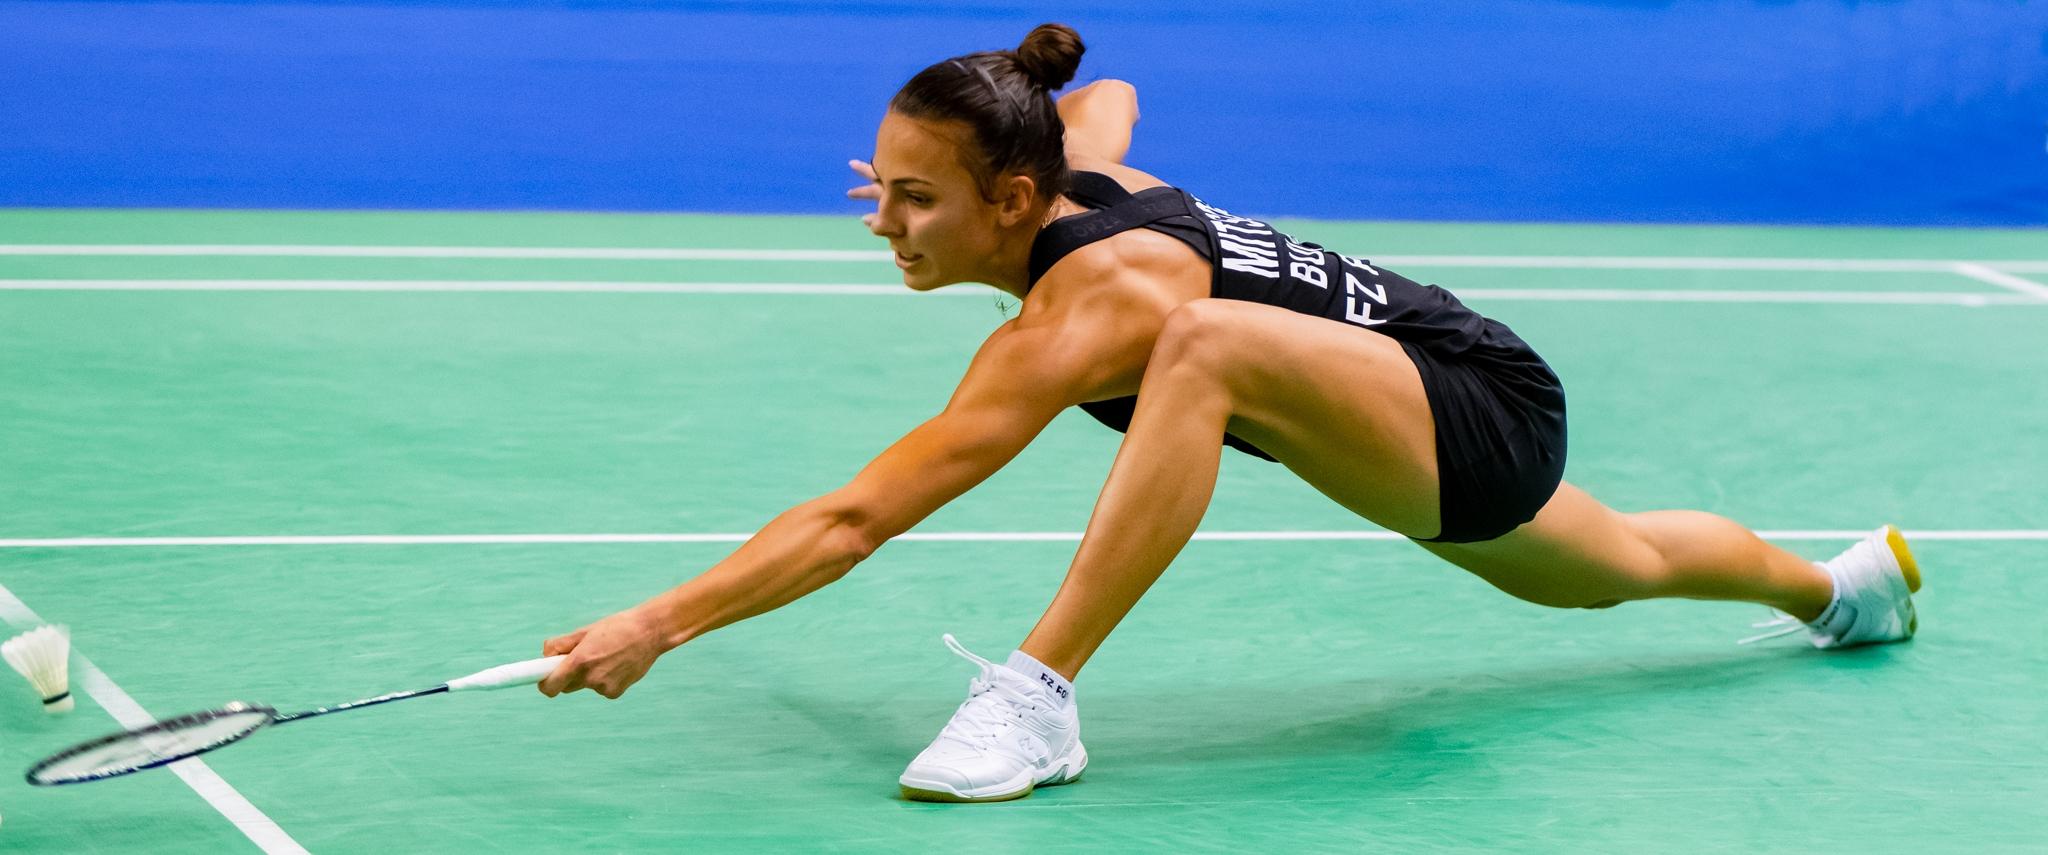 Българката Мария Мицова се класира за третия кръг турнира по